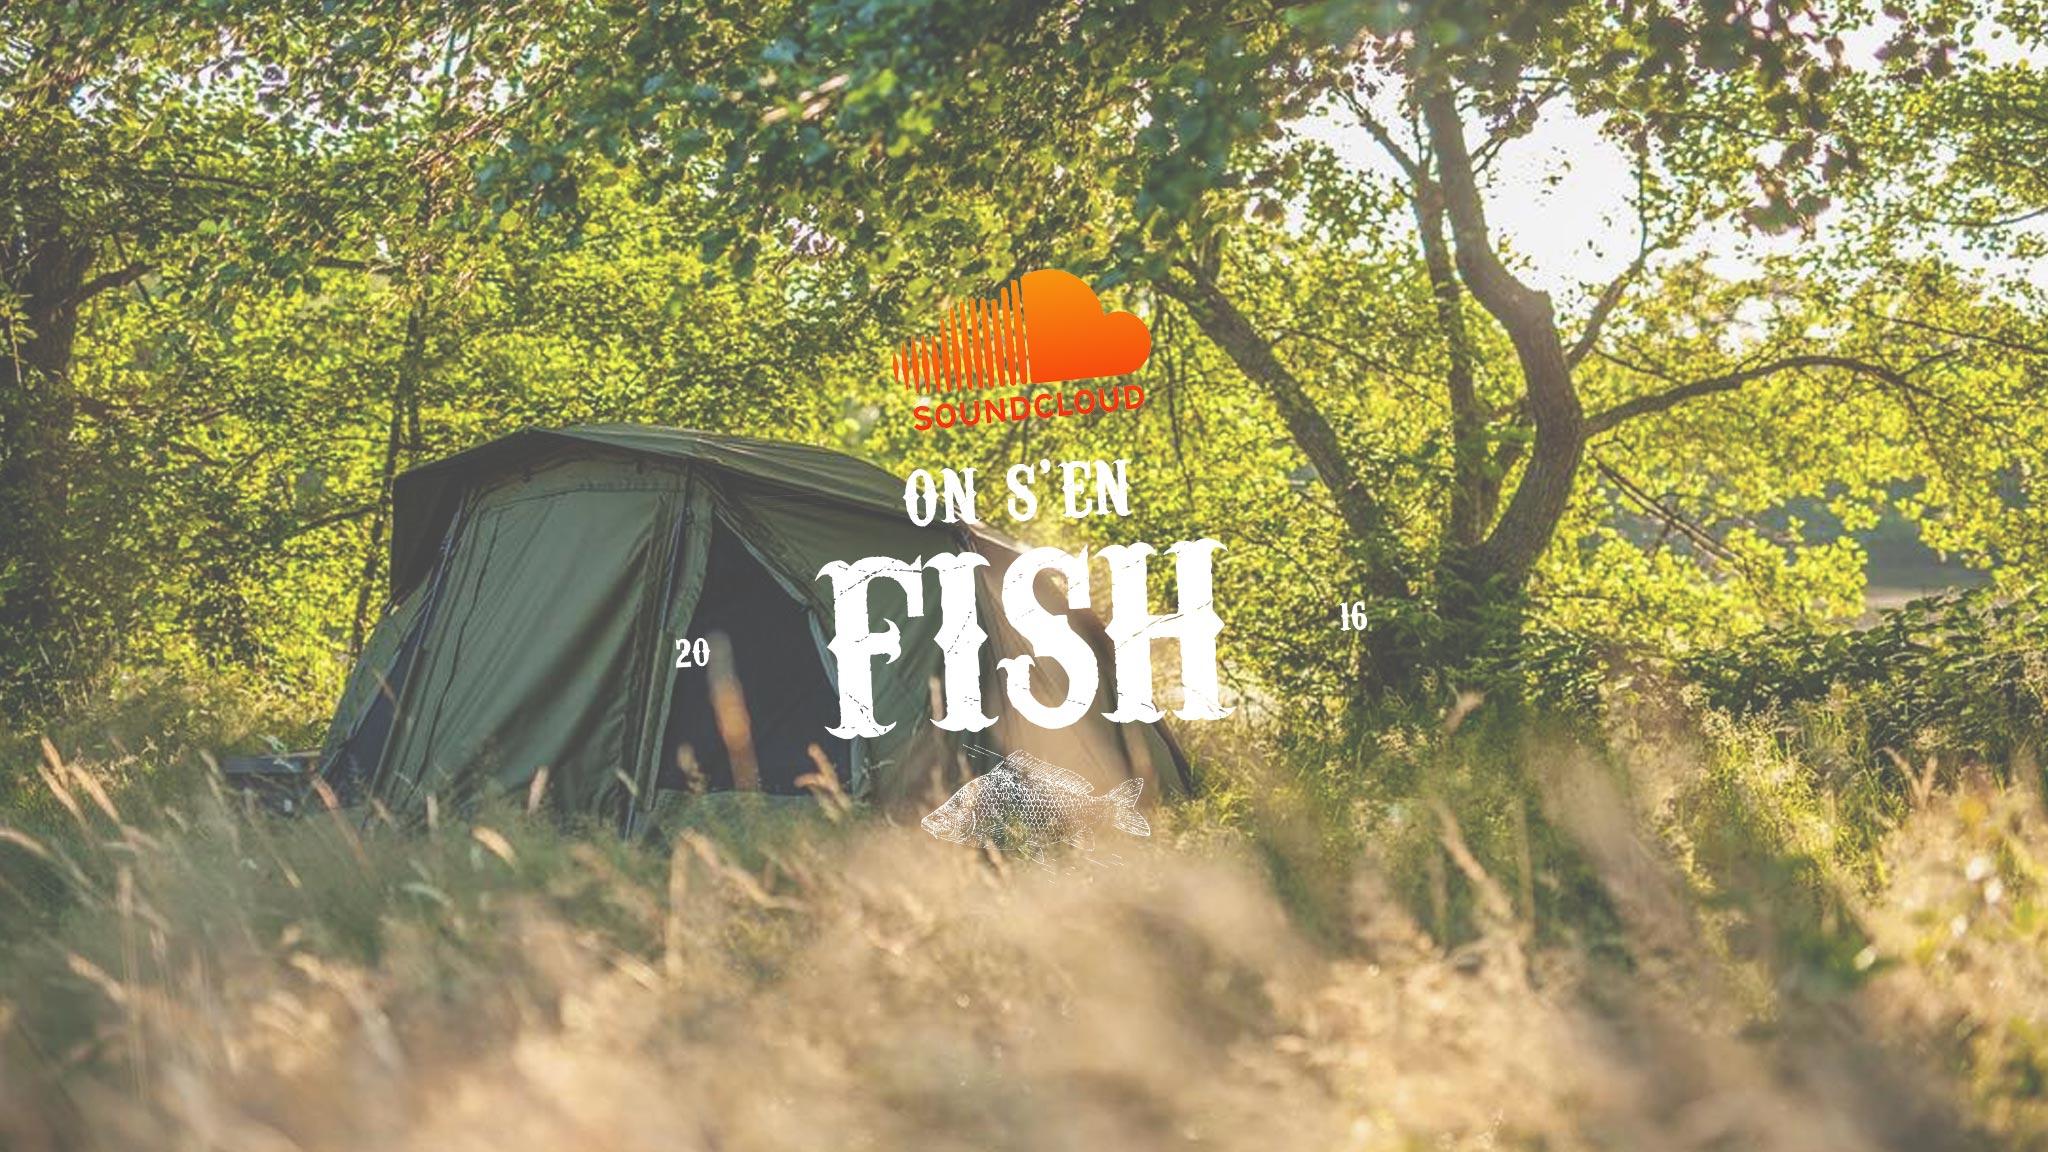 on-s-en-fish-header-playlist-musique-peche-carpe